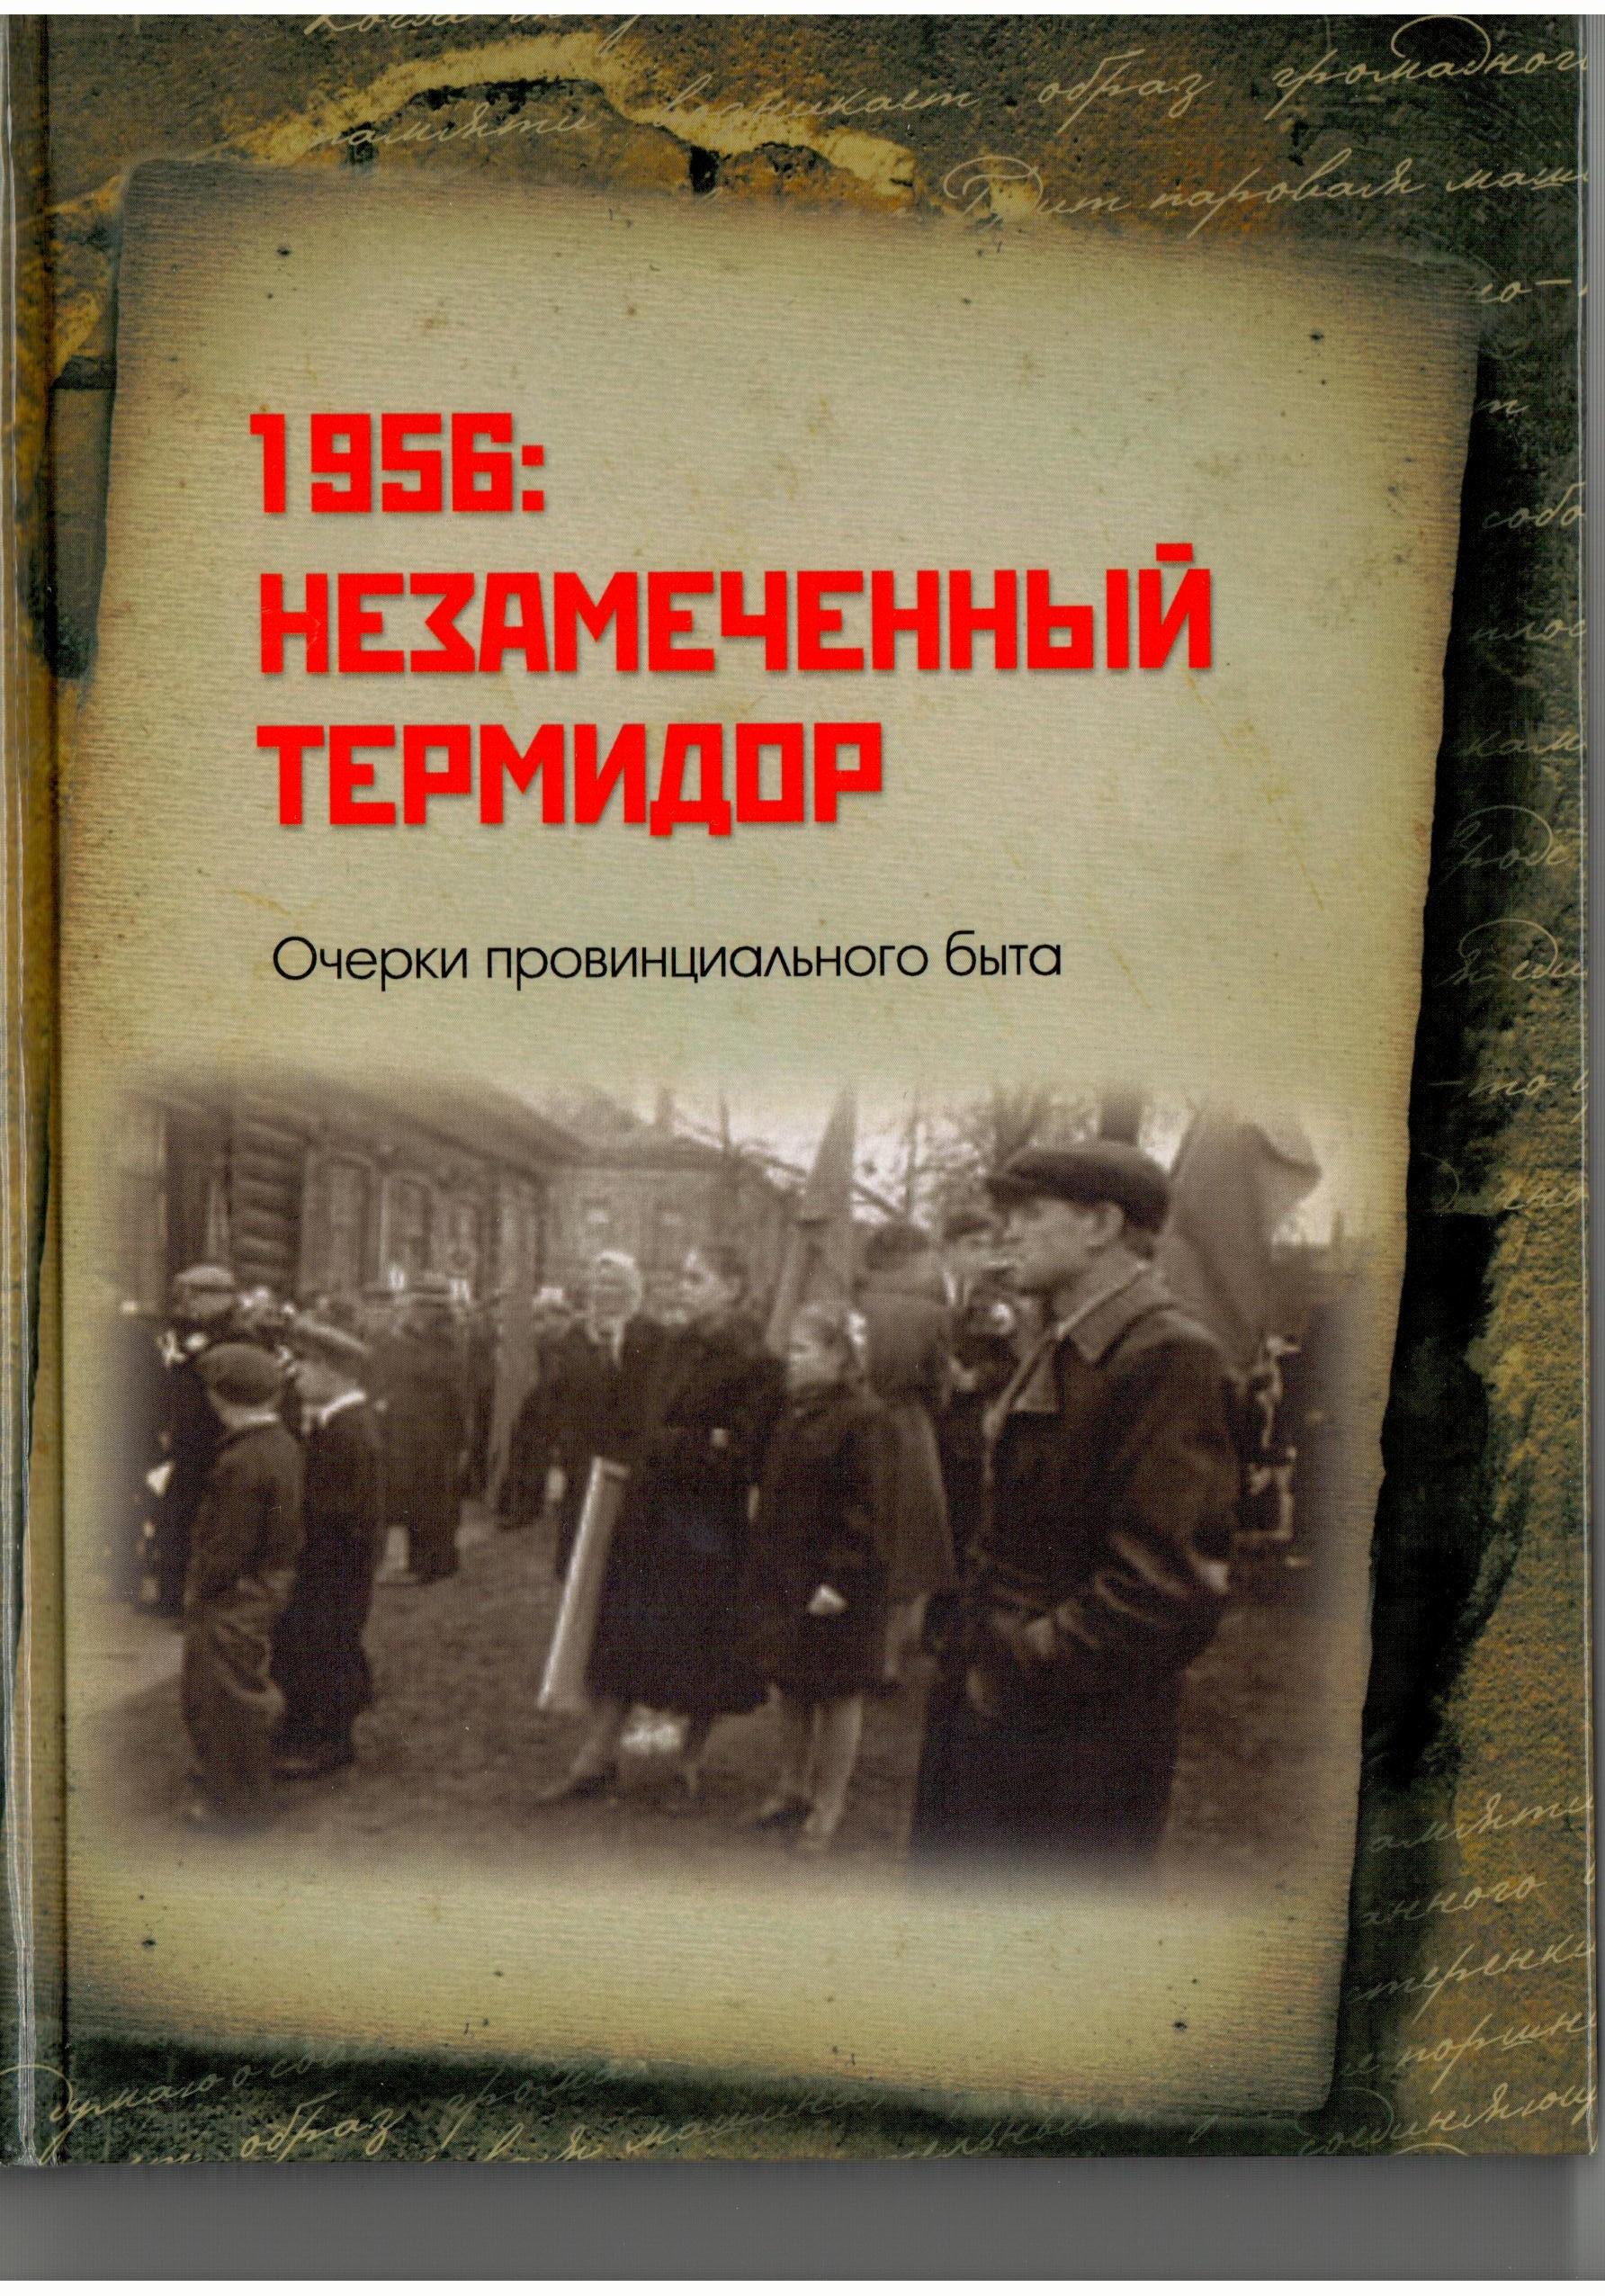 1956: Незамеченный термидор. Очерки провинциального быта.